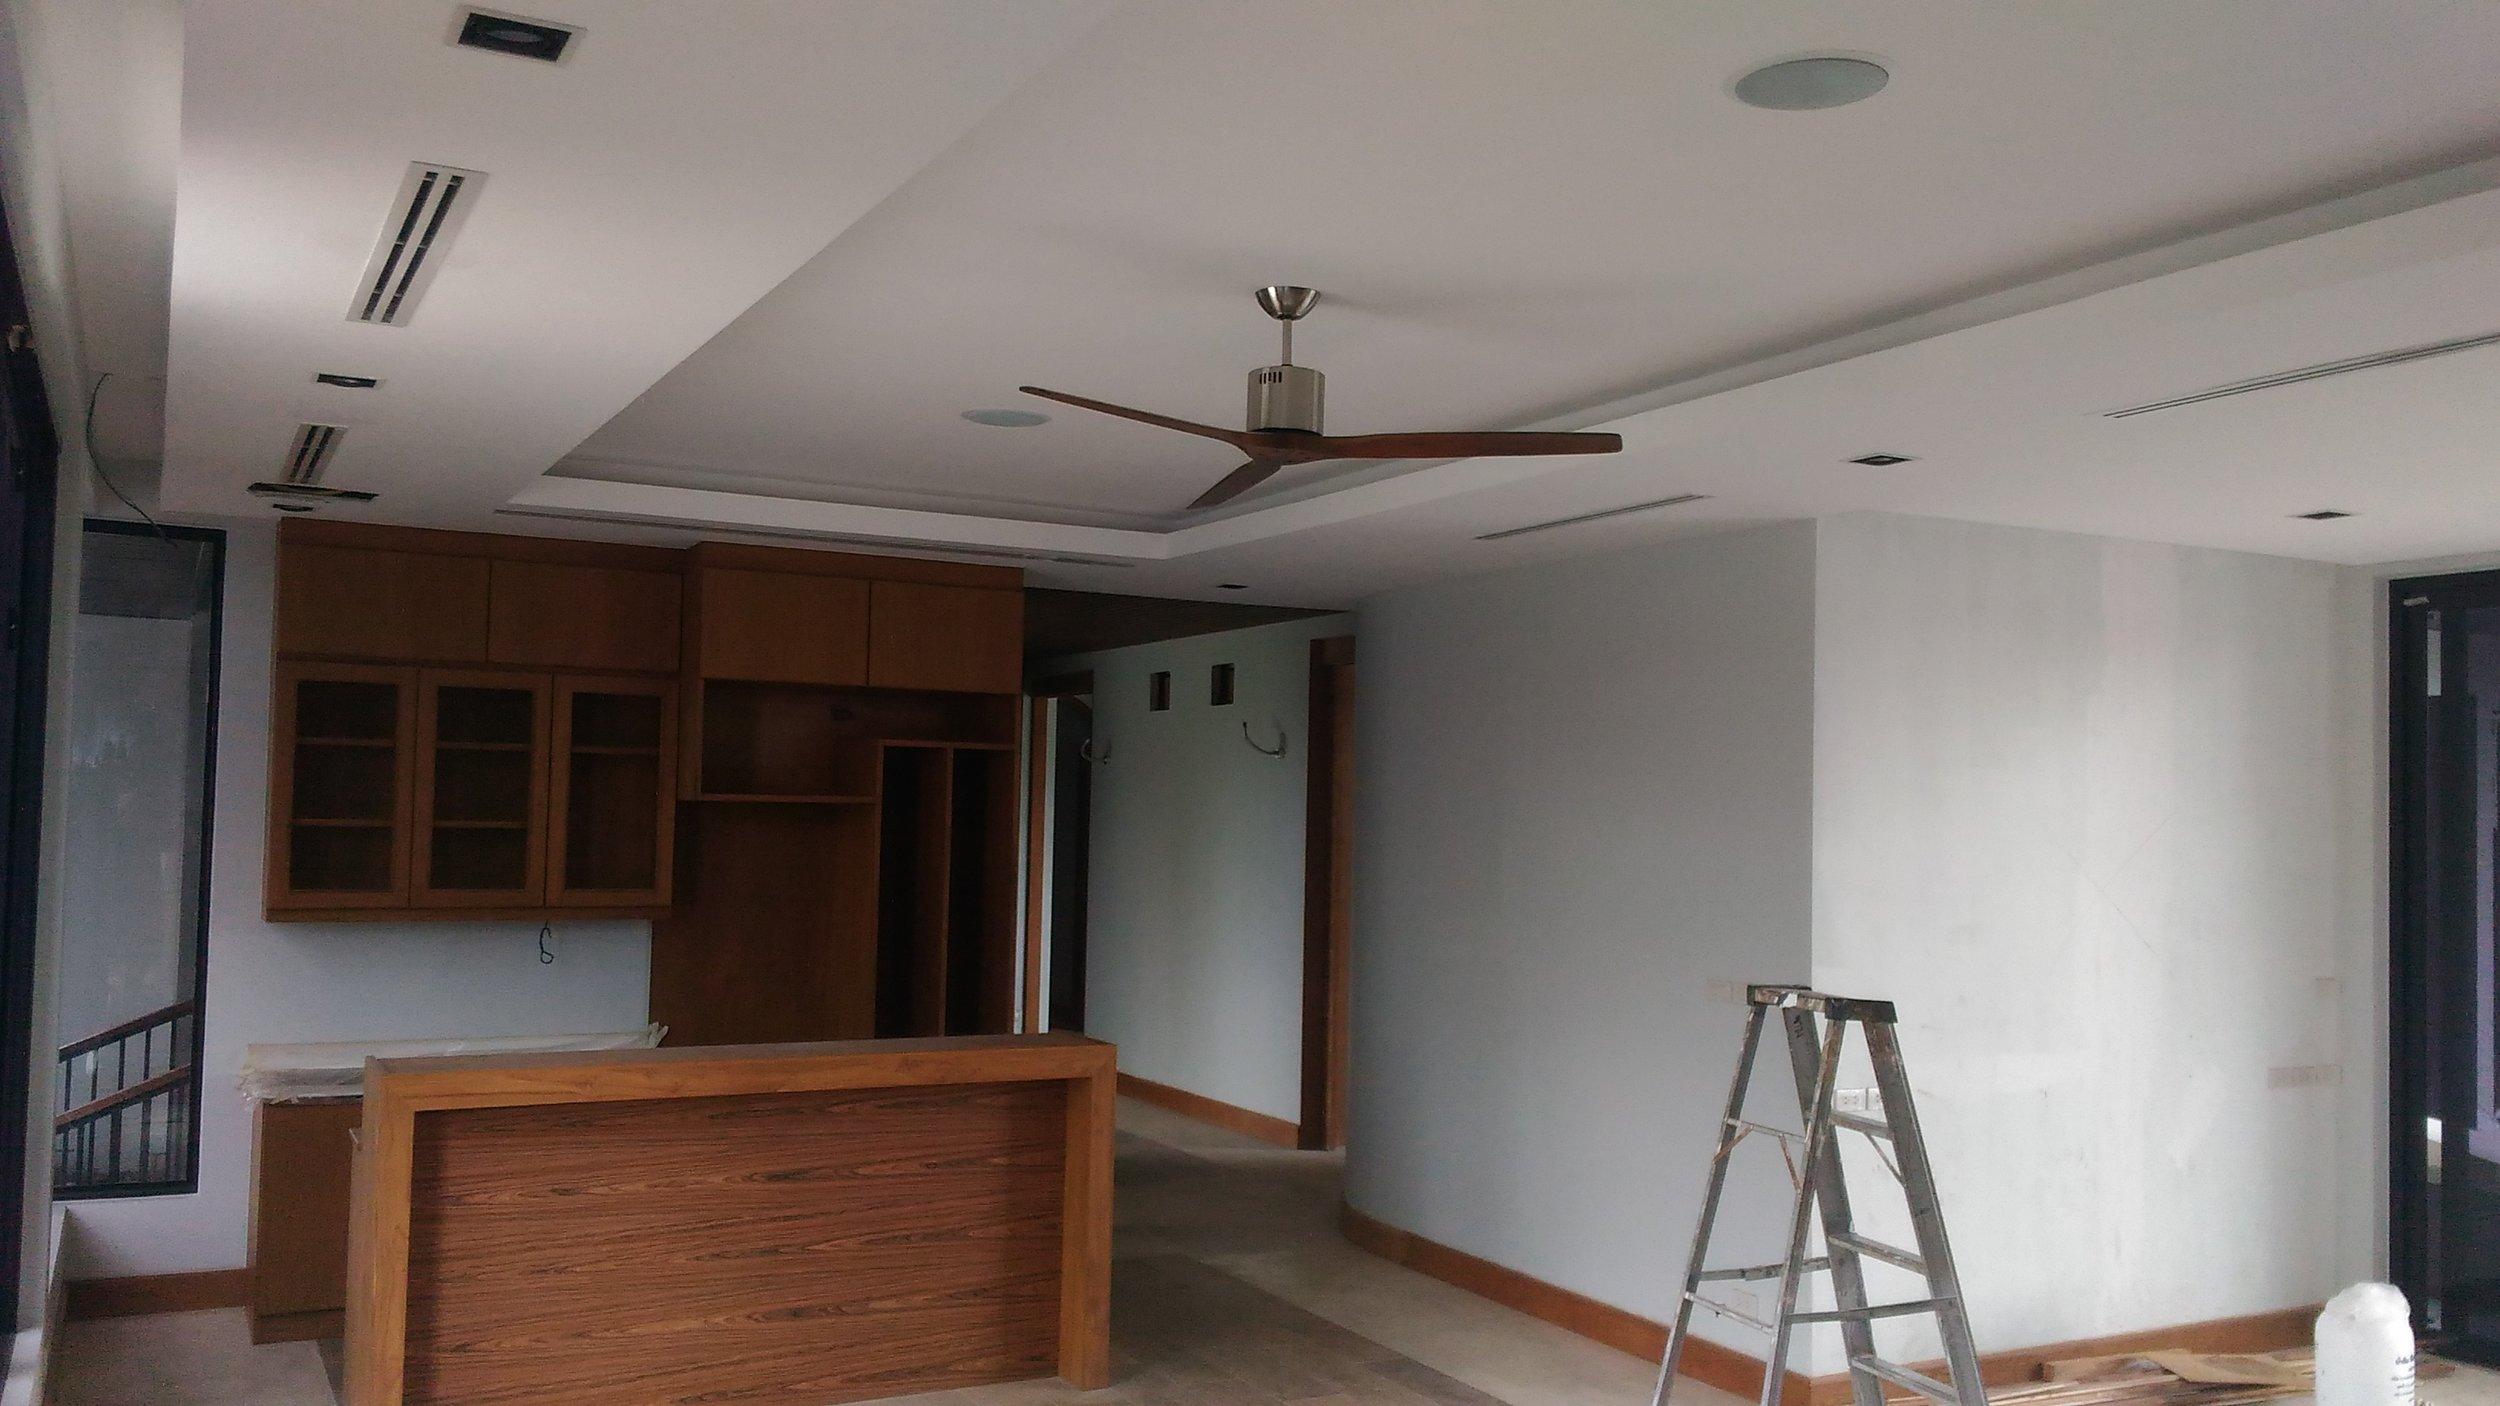 Nuvo In-Ceiling Speakers